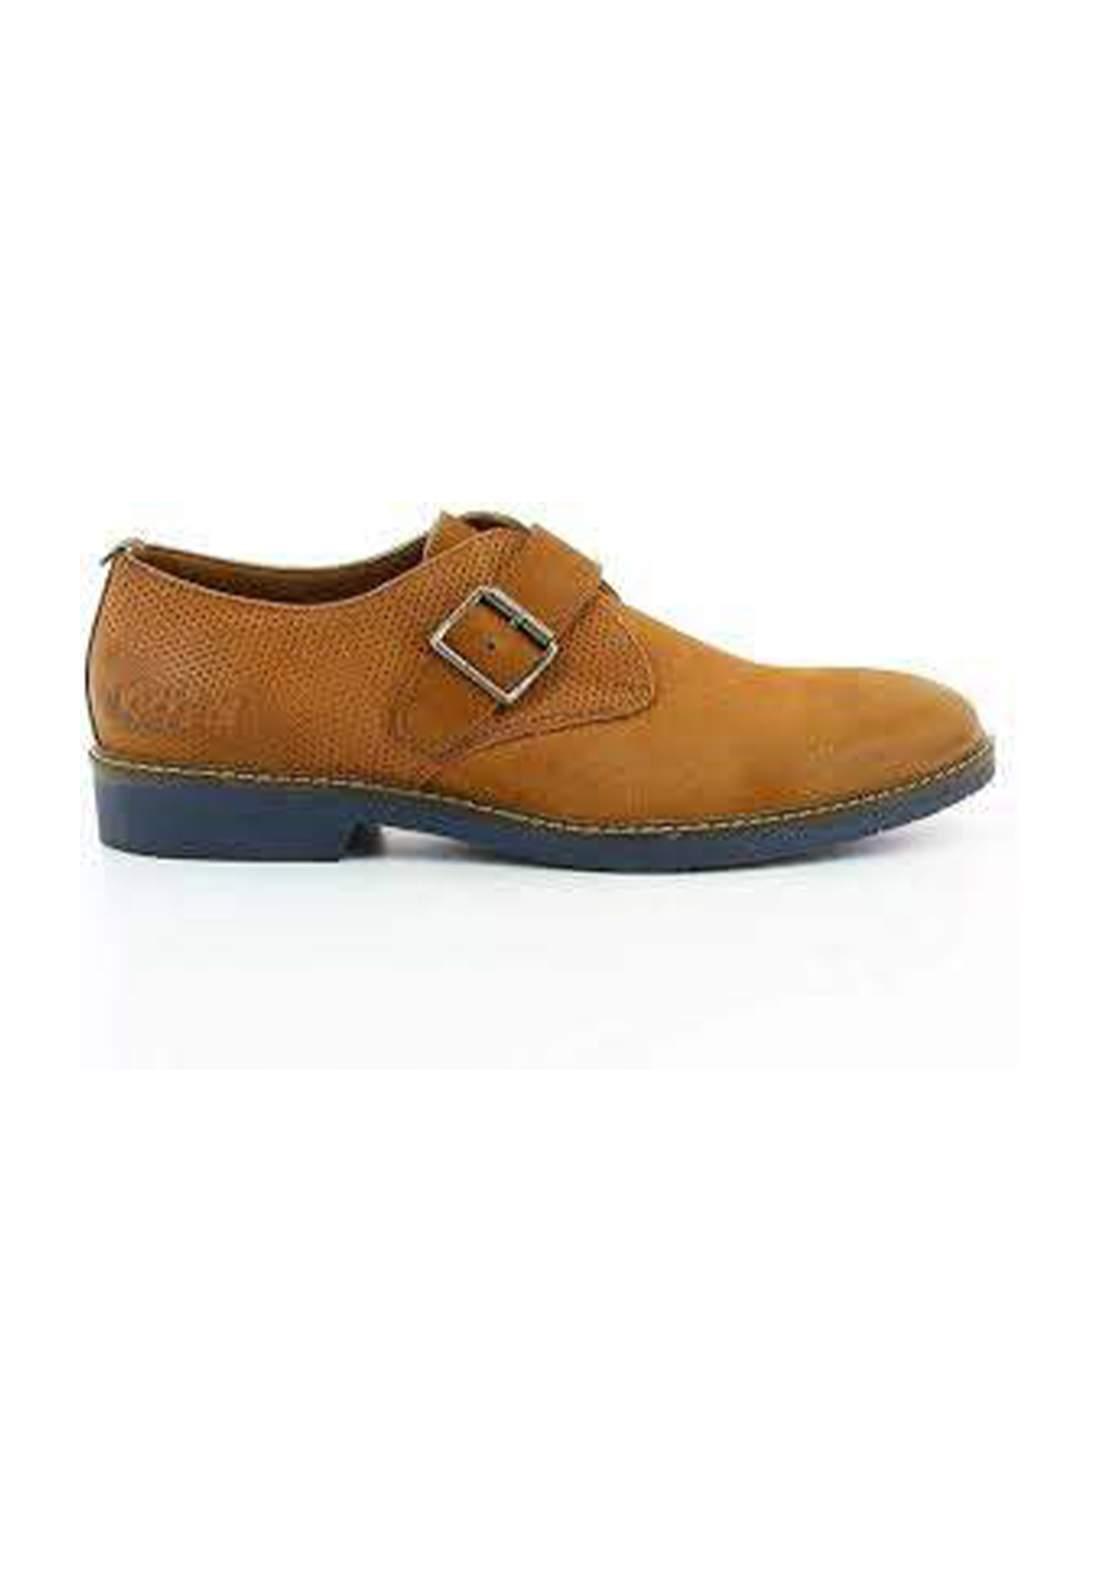 حذاء رسمي رجالي بلون خردلي